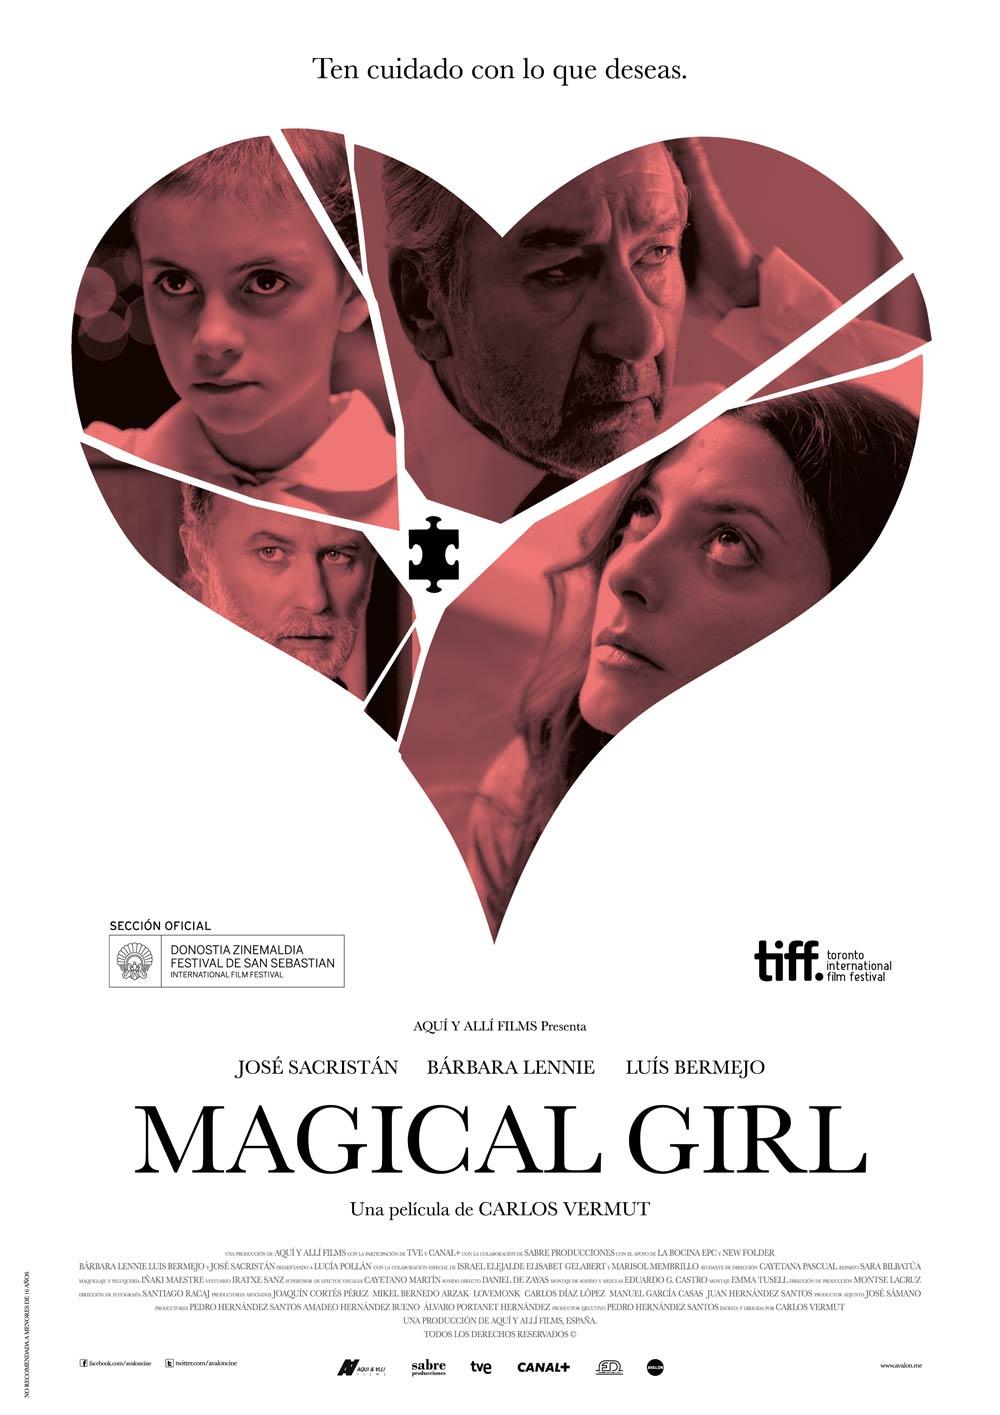 Magical Girl kapak